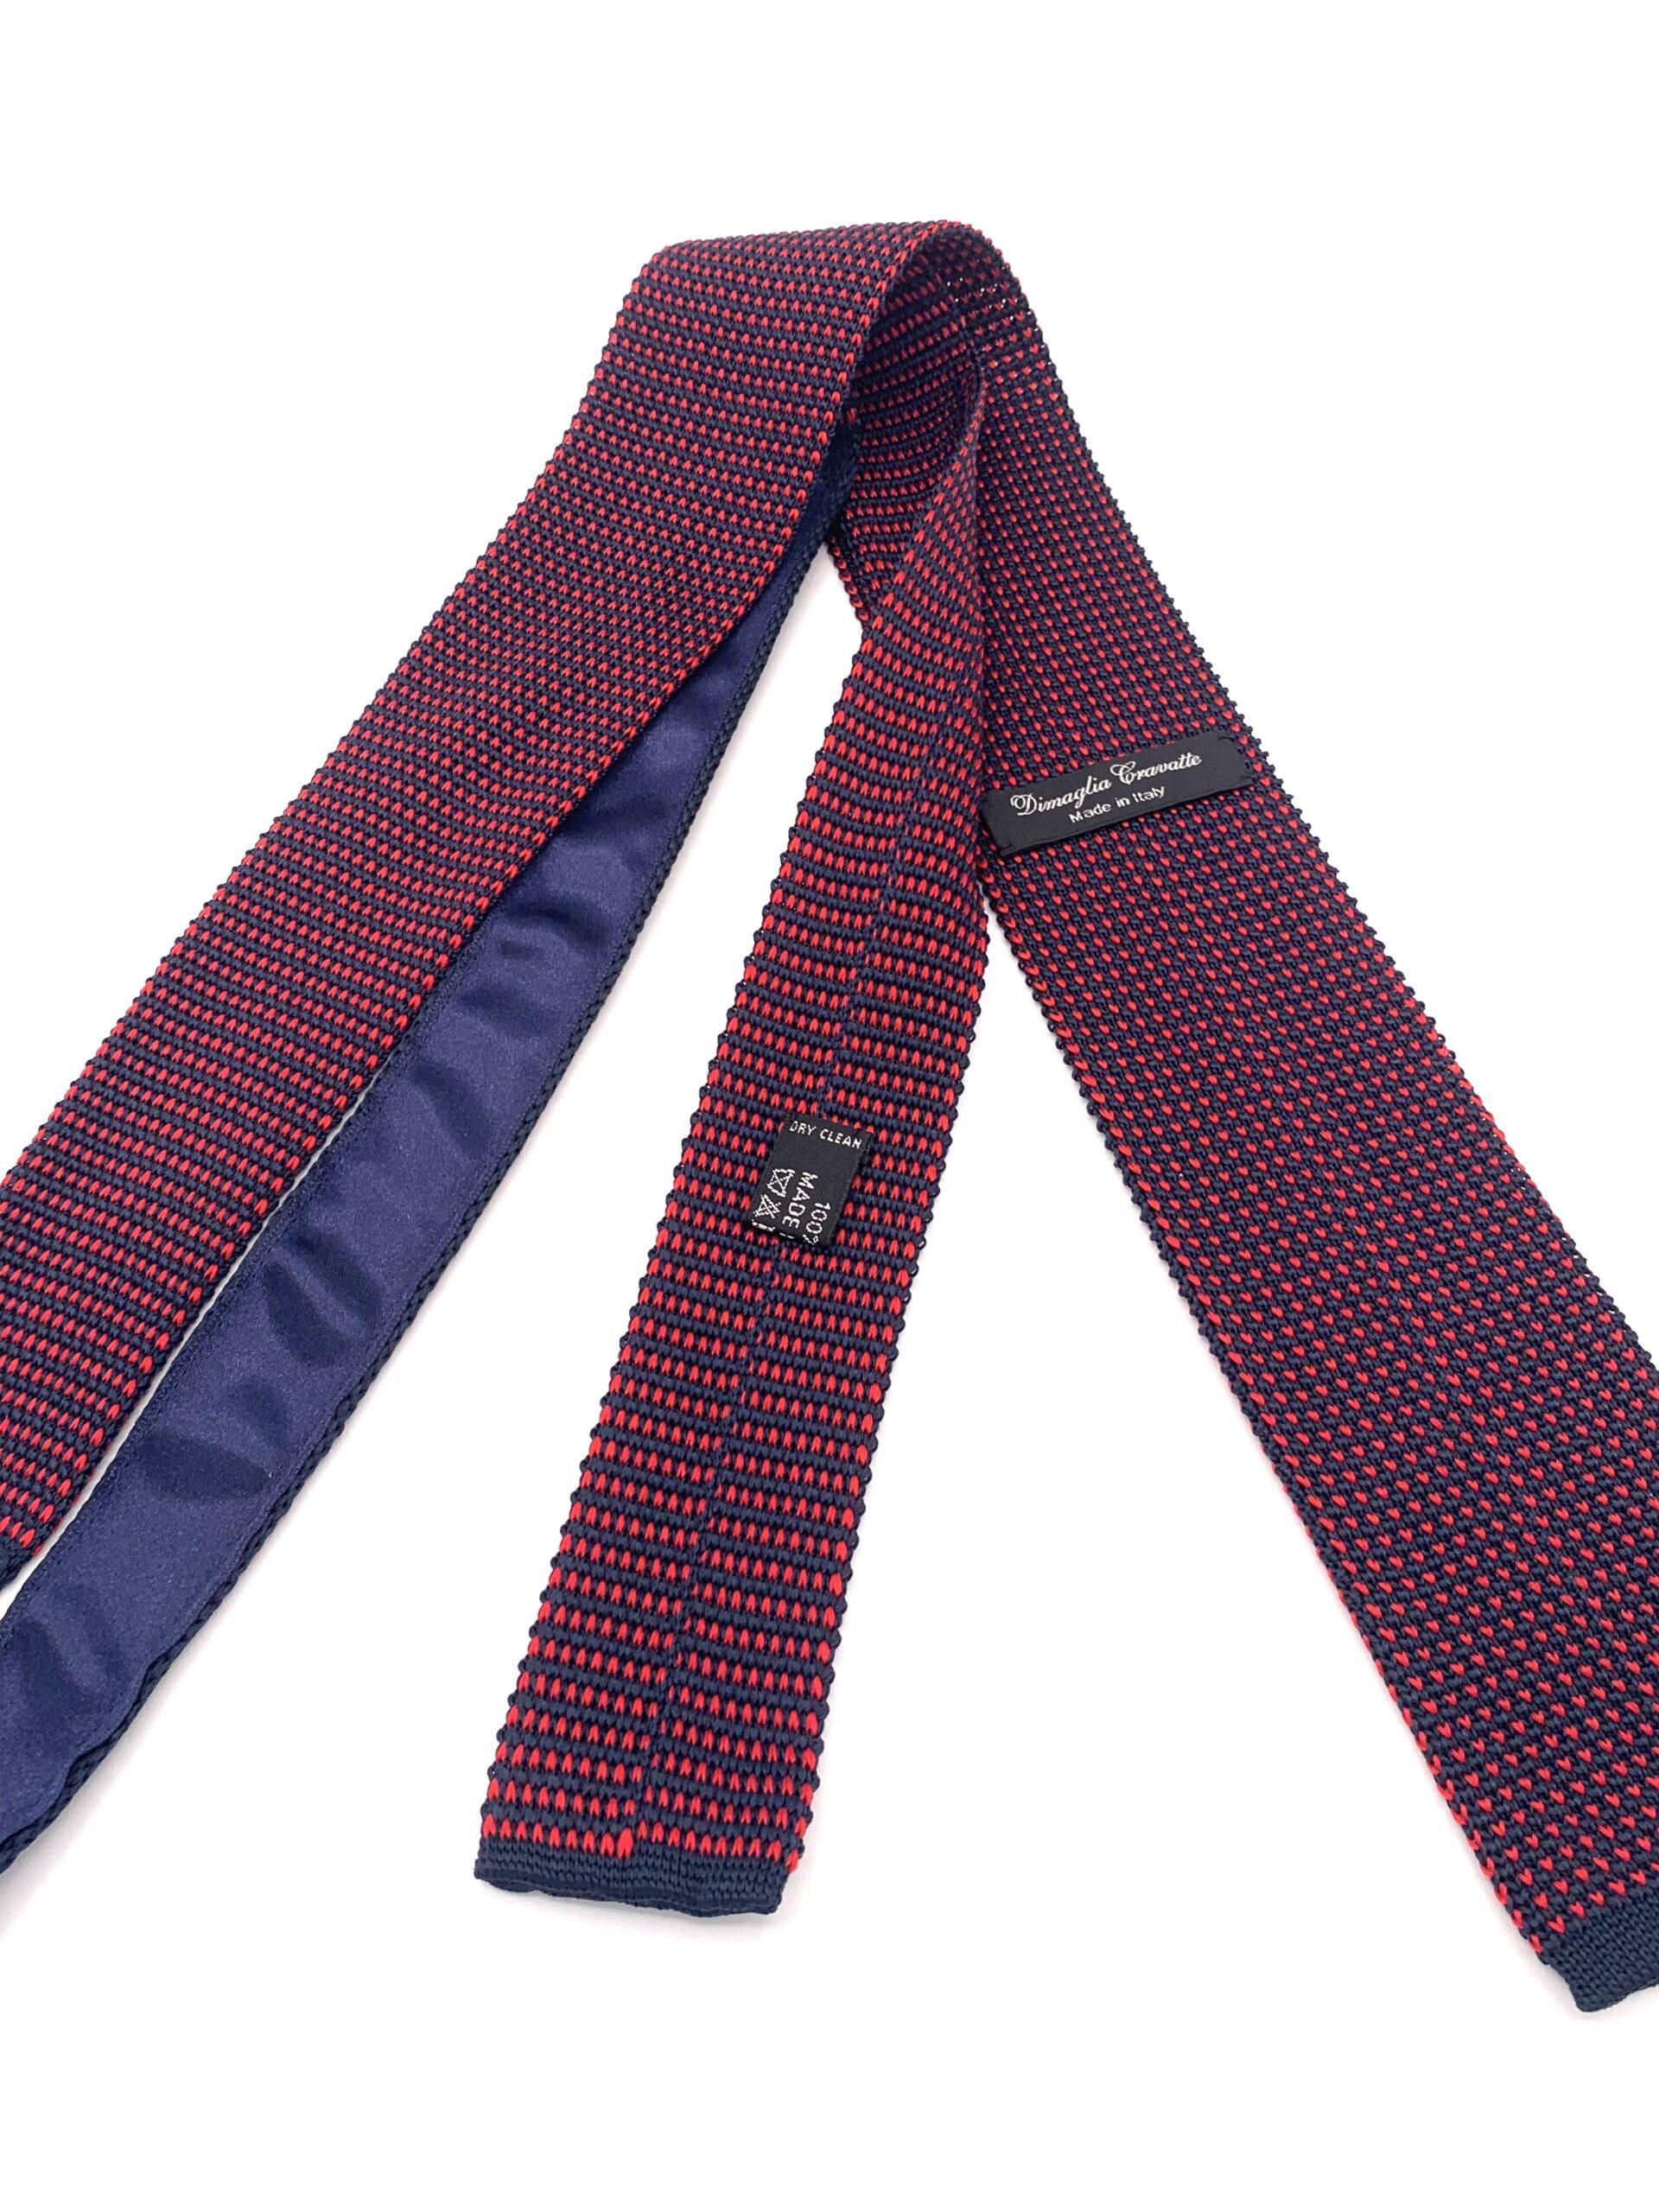 DIMAGLIA - cravatta di maglia con puntini blu e rossa zoom